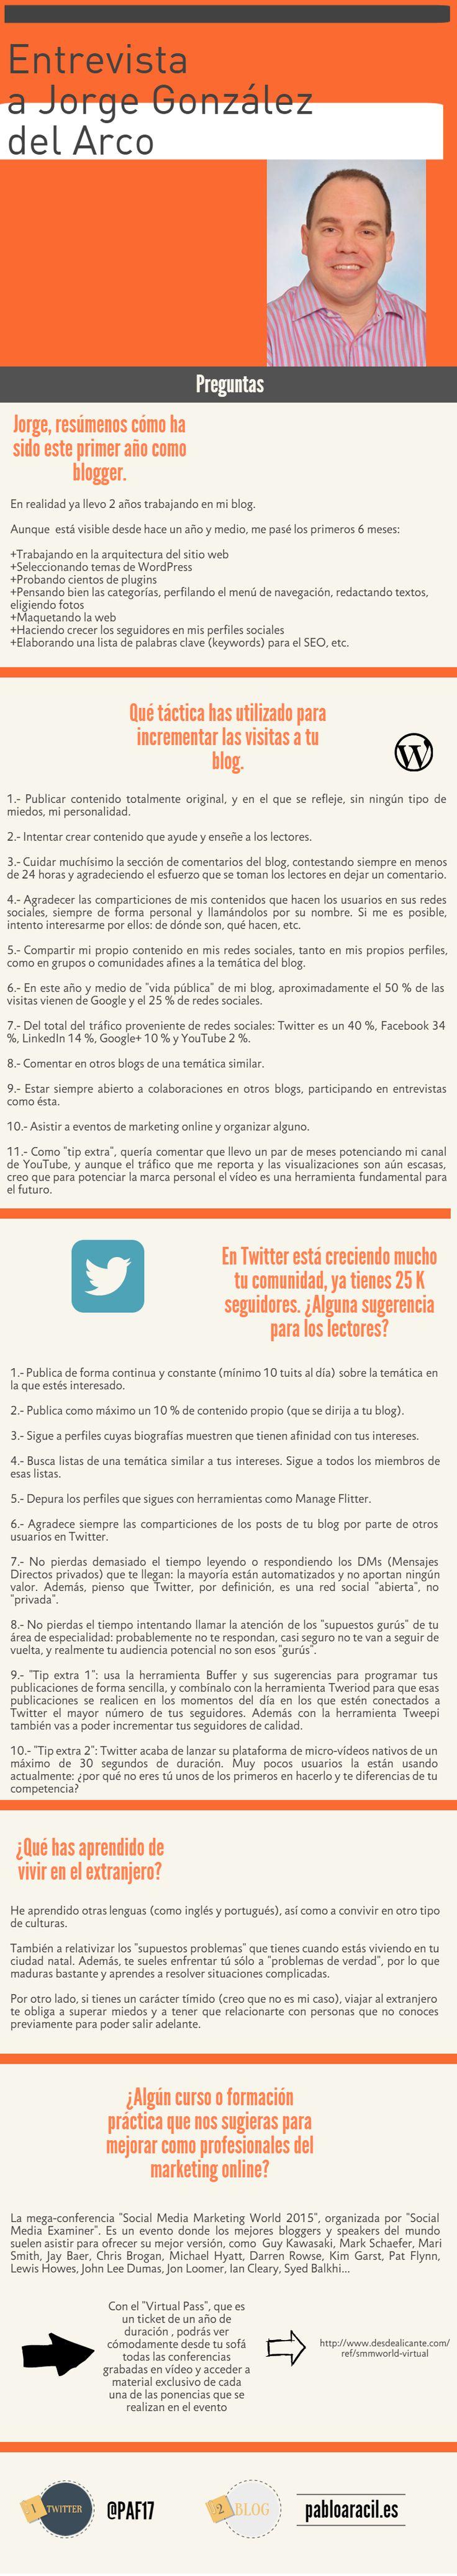 #Infografia sobre la entrevista a Jorge González del Arco, blogger, consultor y formador en Redes Sociales y #MarketingOnline.